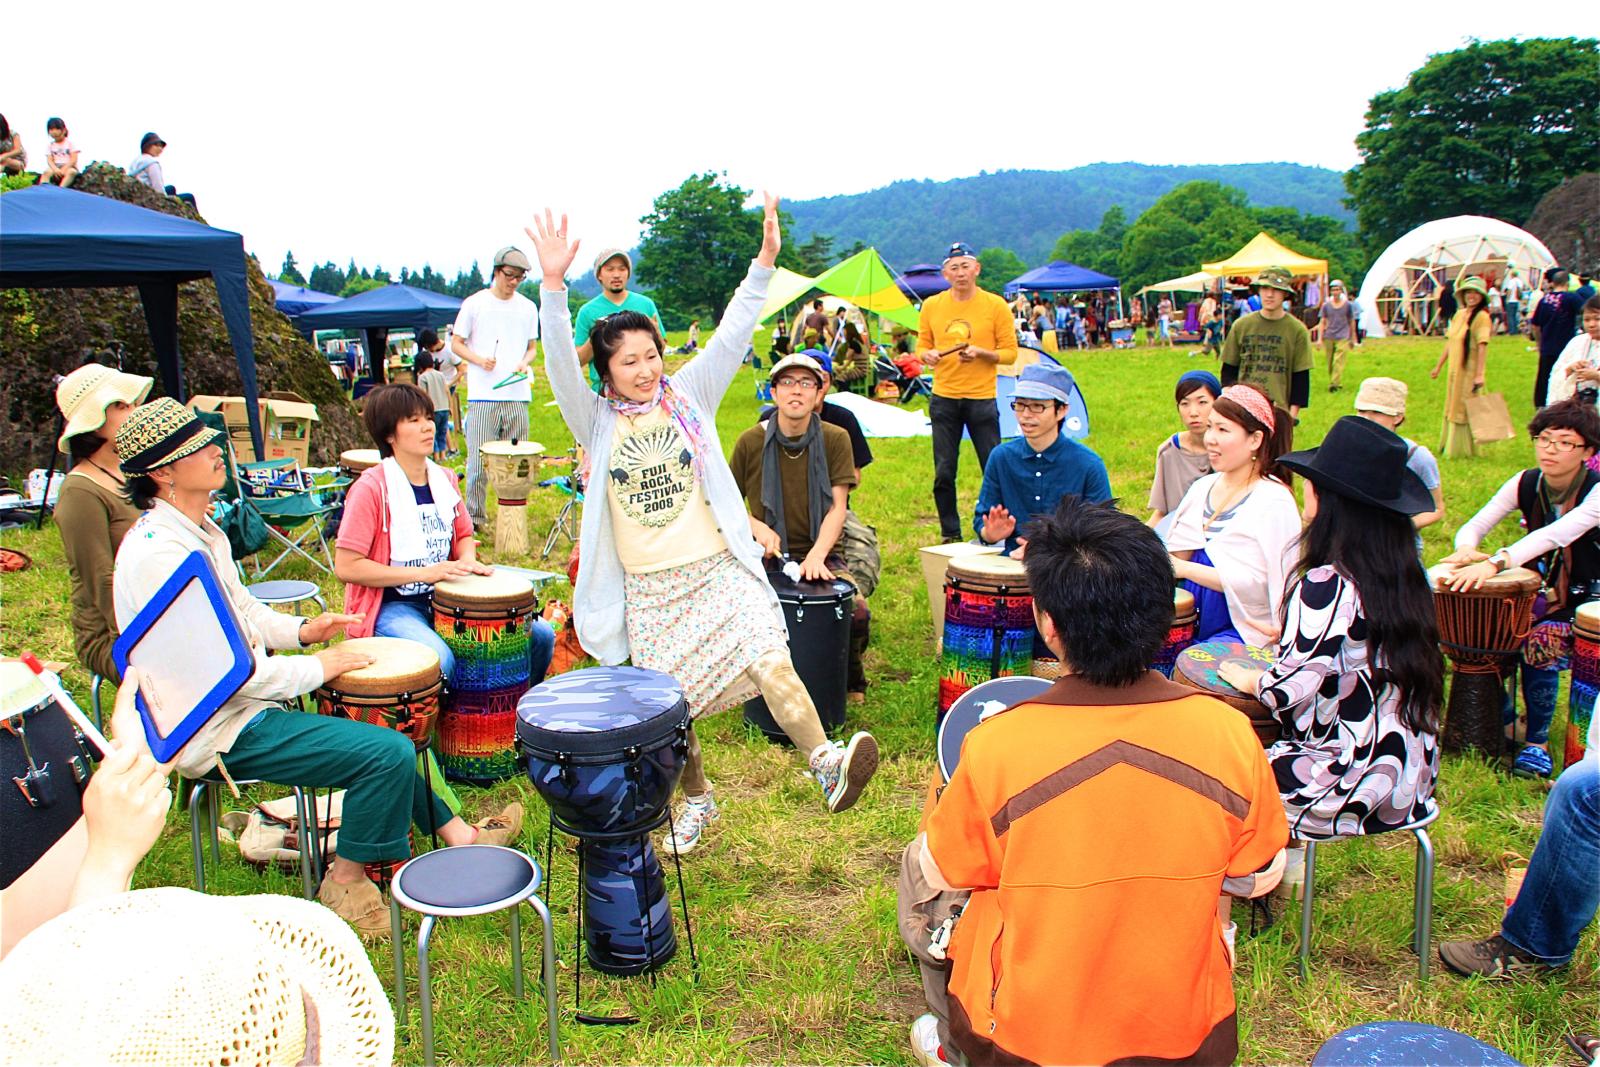 六呂師高原で開催した「心灯」のひとコマ。ジャンベを叩いて盛り上がった。(写真提供:長谷川和俊)